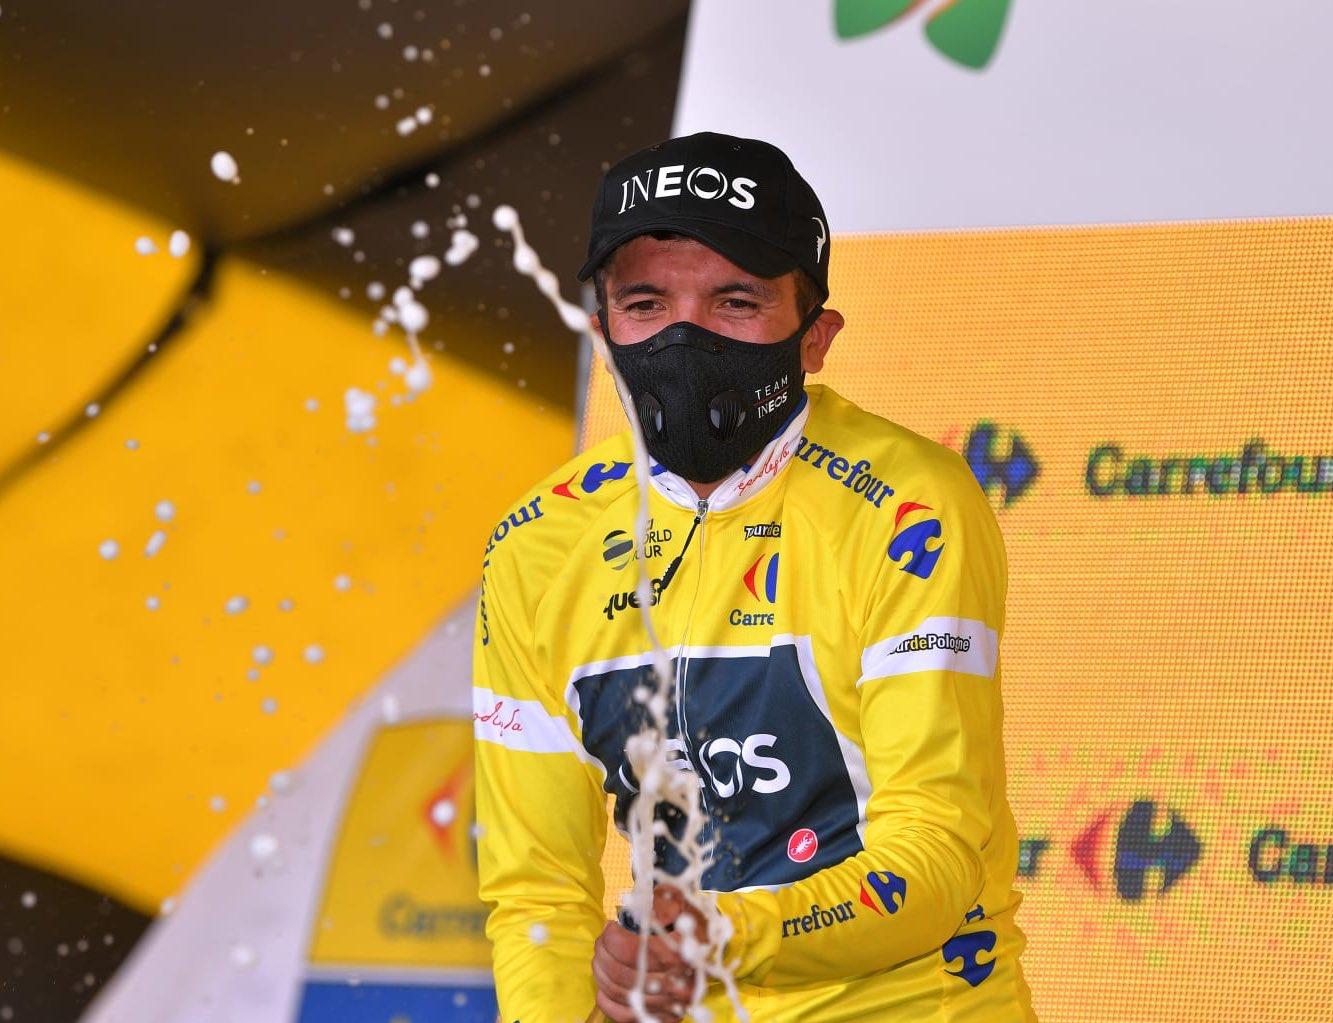 El ecuatoriano le saca cuatro segundos de ventaja a sus seguidores a dos etapas del final